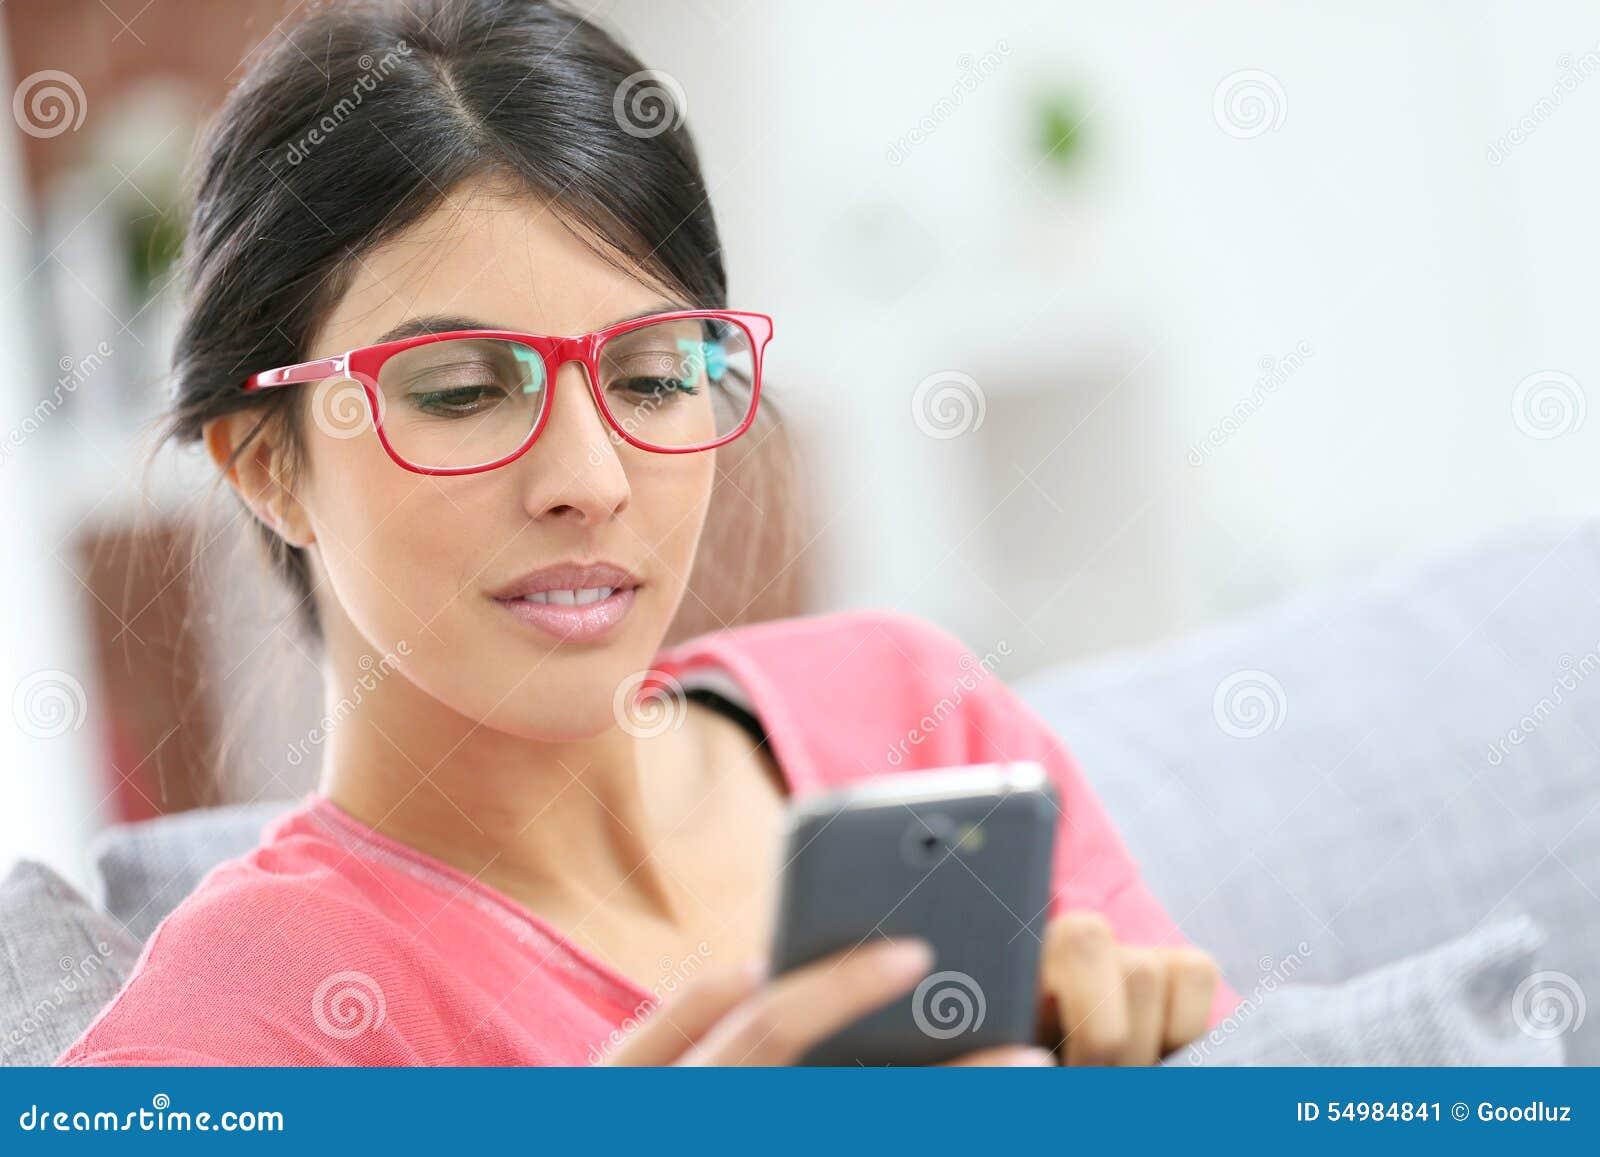 Νέα γυναίκα που χρησιμοποιεί στο σπίτι το smartphone